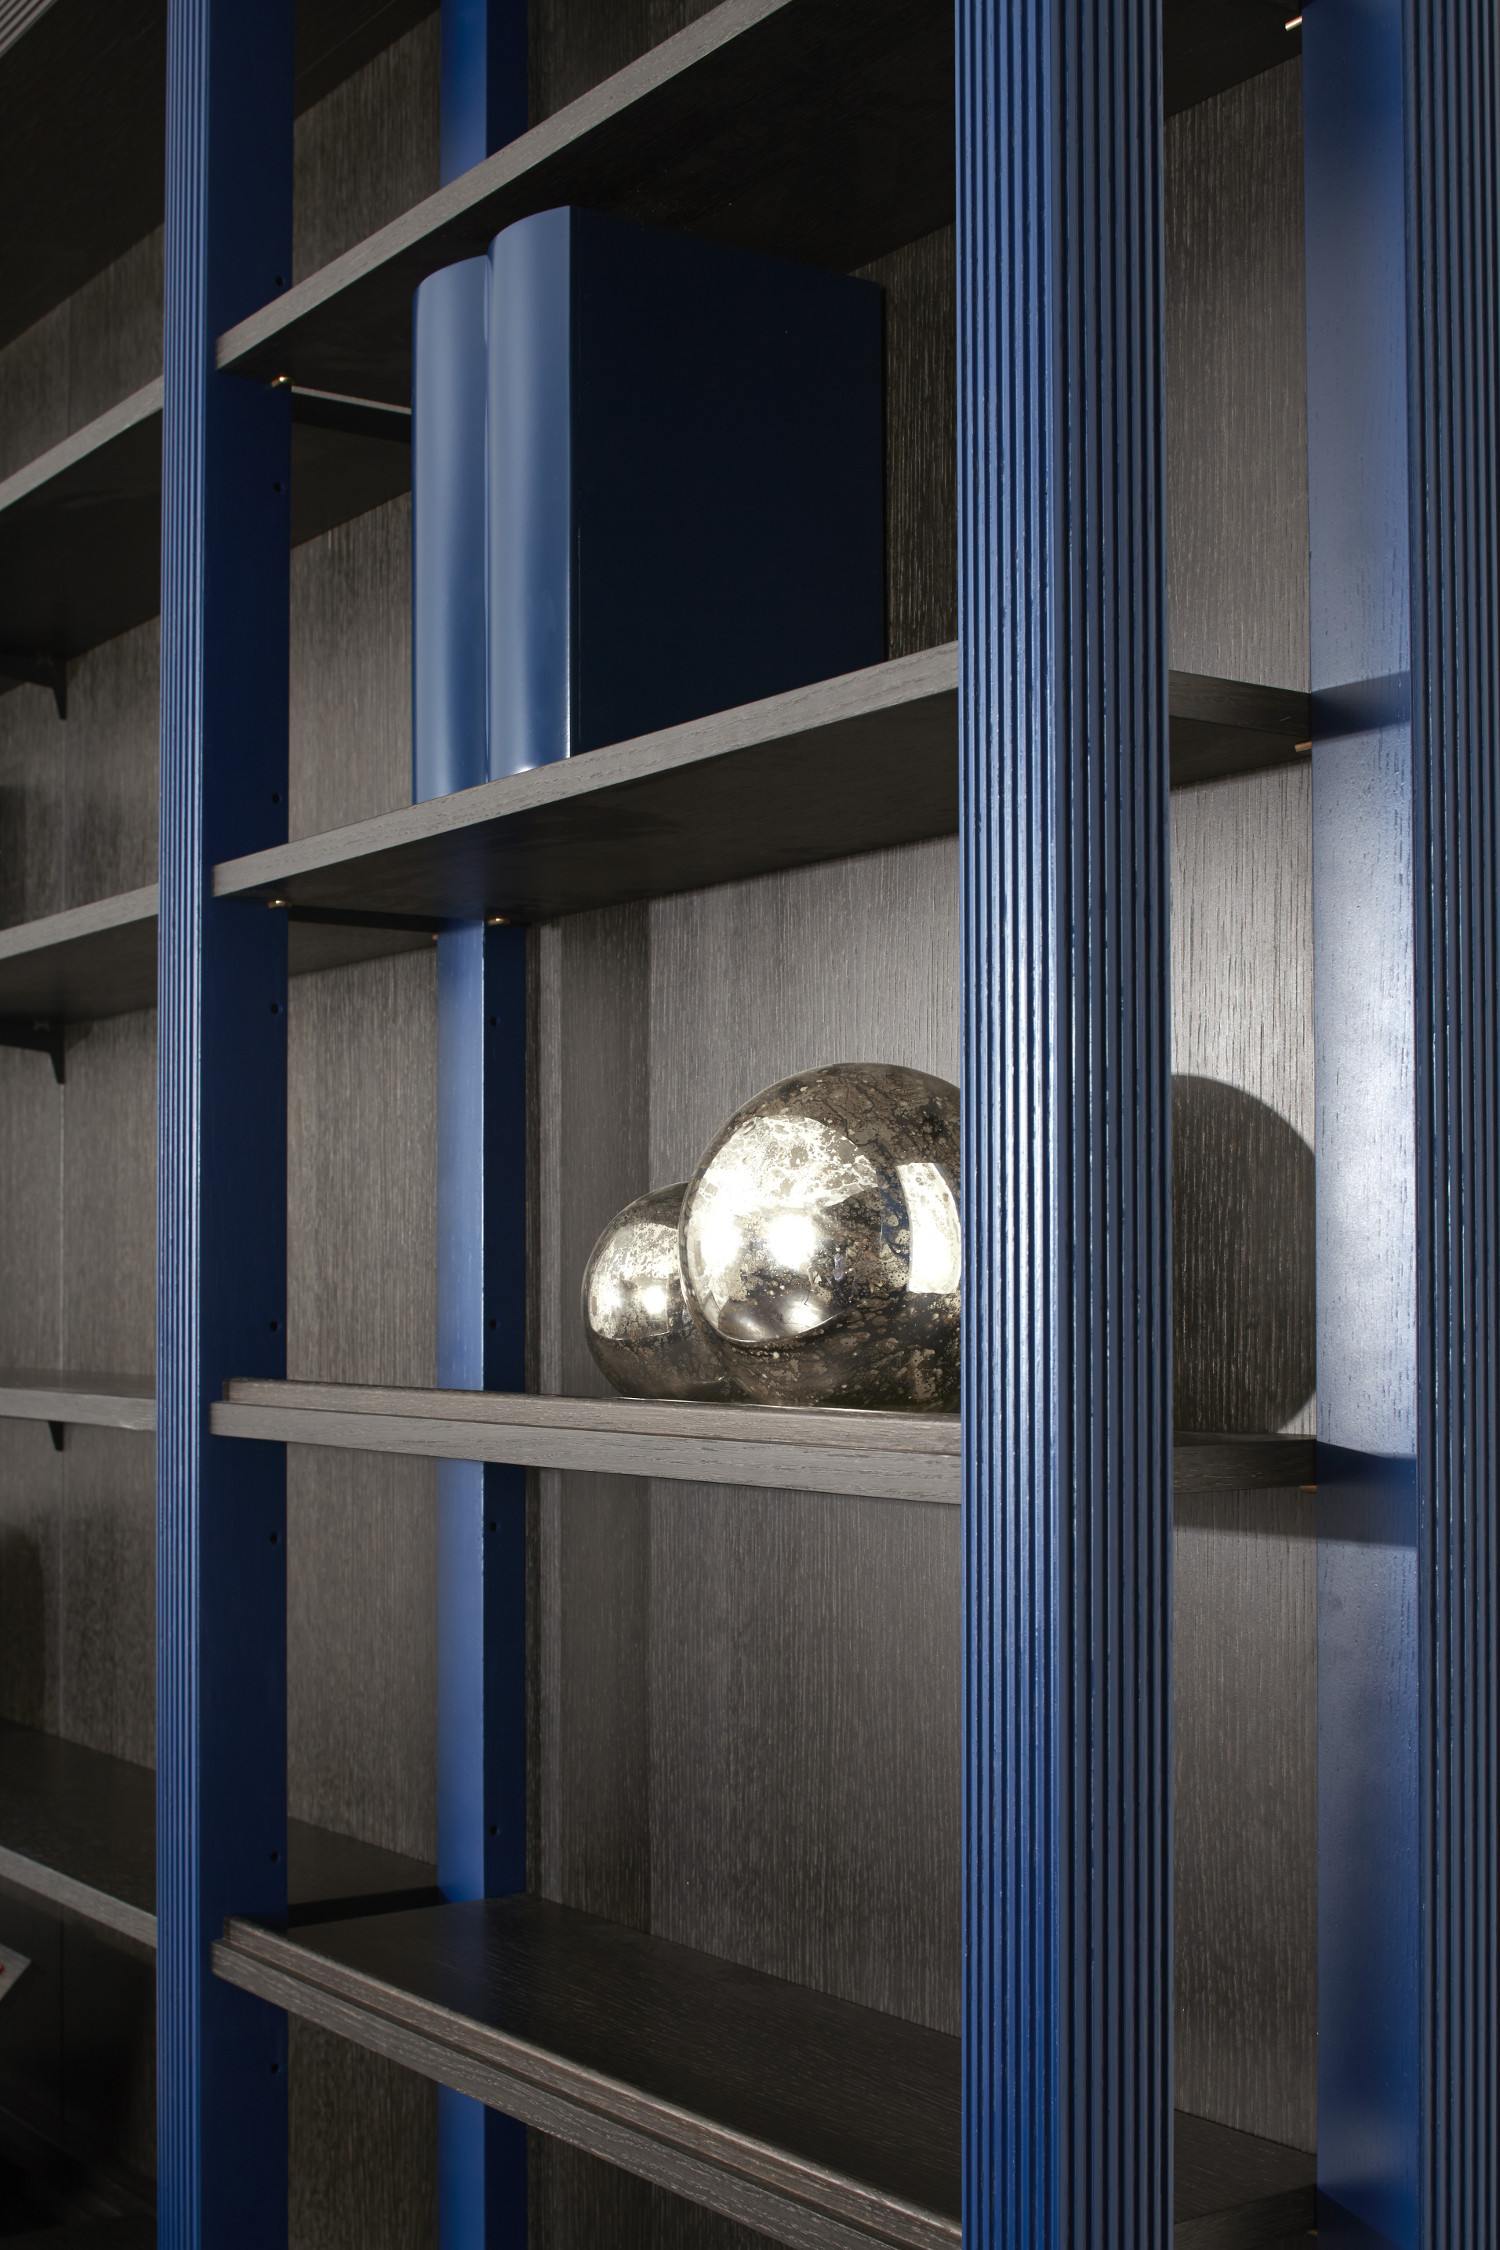 Librairy-bibliotheque-detail1.jpg